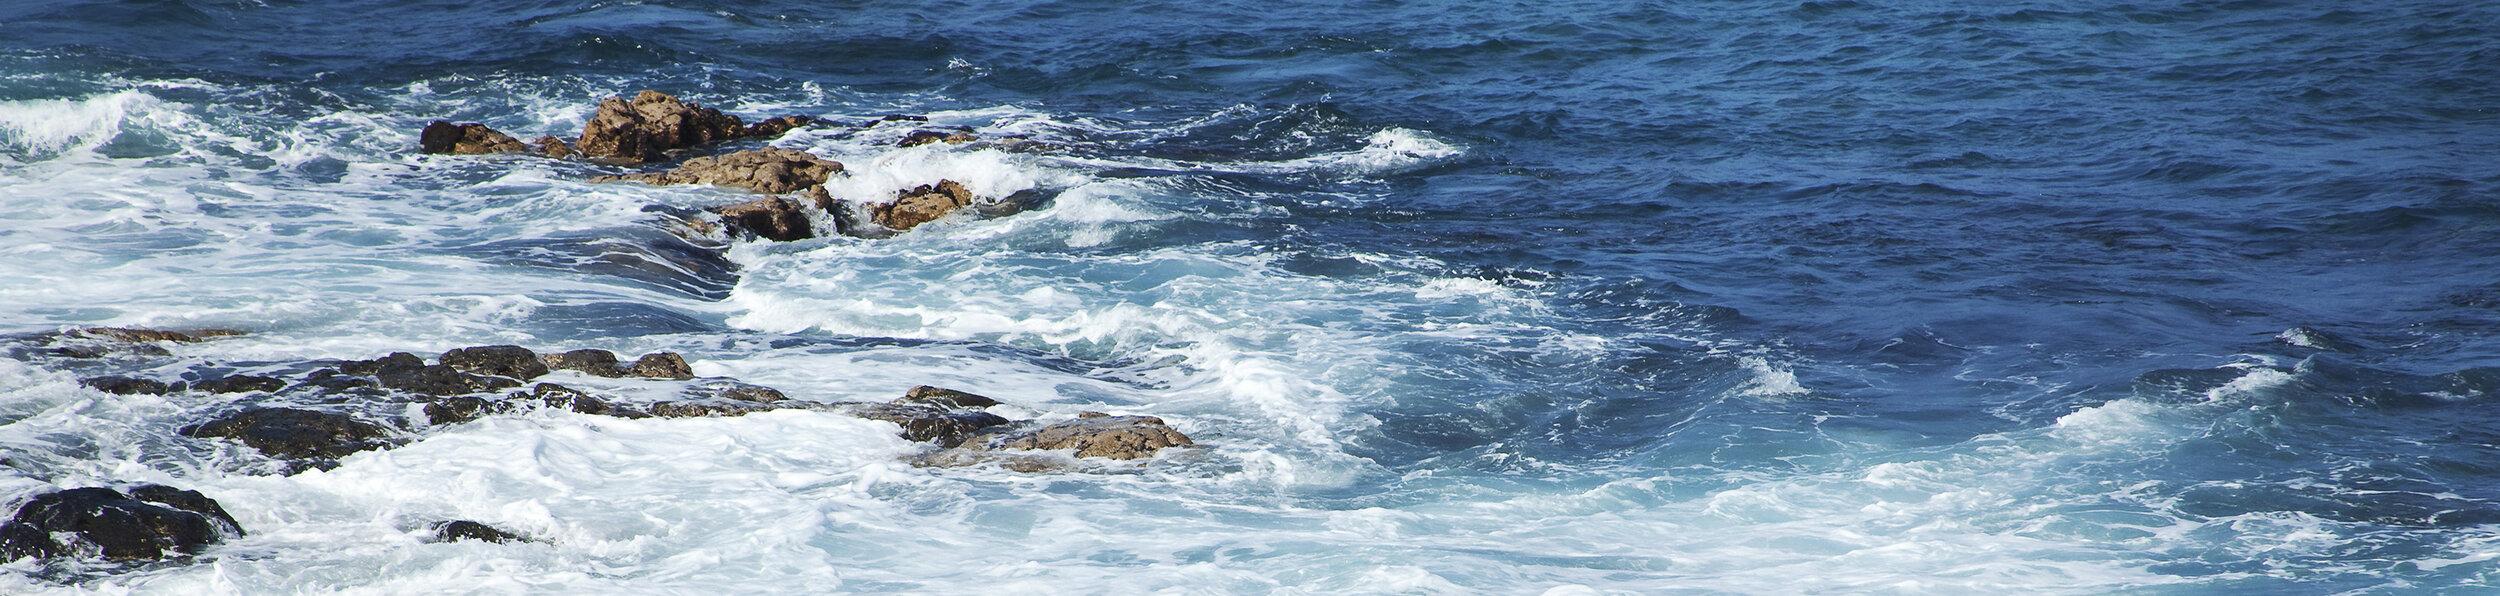 SSSeas Thin Page Banner Ocean.jpg